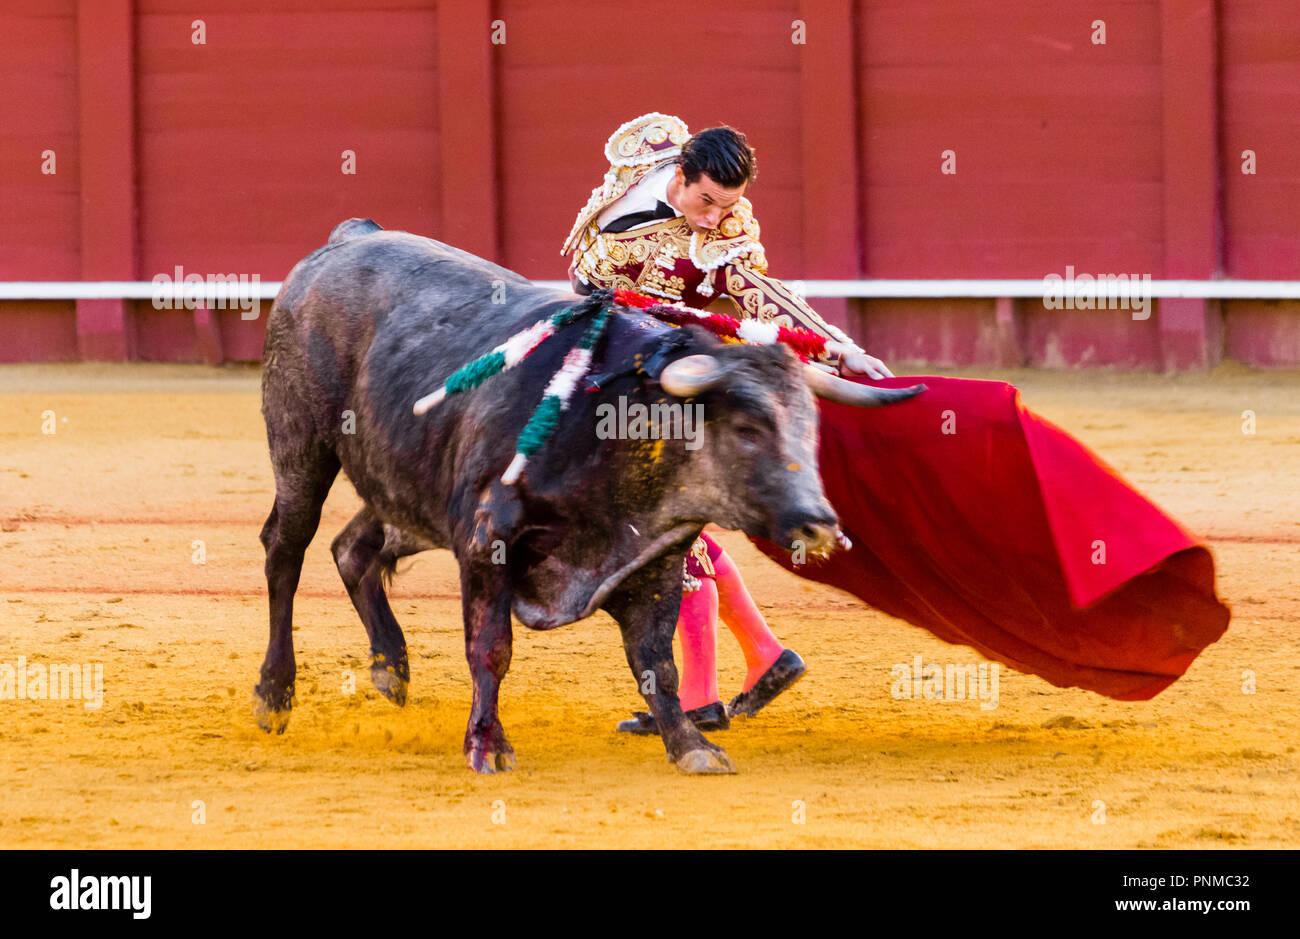 Bull with matador, bullfighting, bullring Plaza de Toros de la Real Maestranza de Caballería de Sevilla, Seville, Andalusia - Stock Image